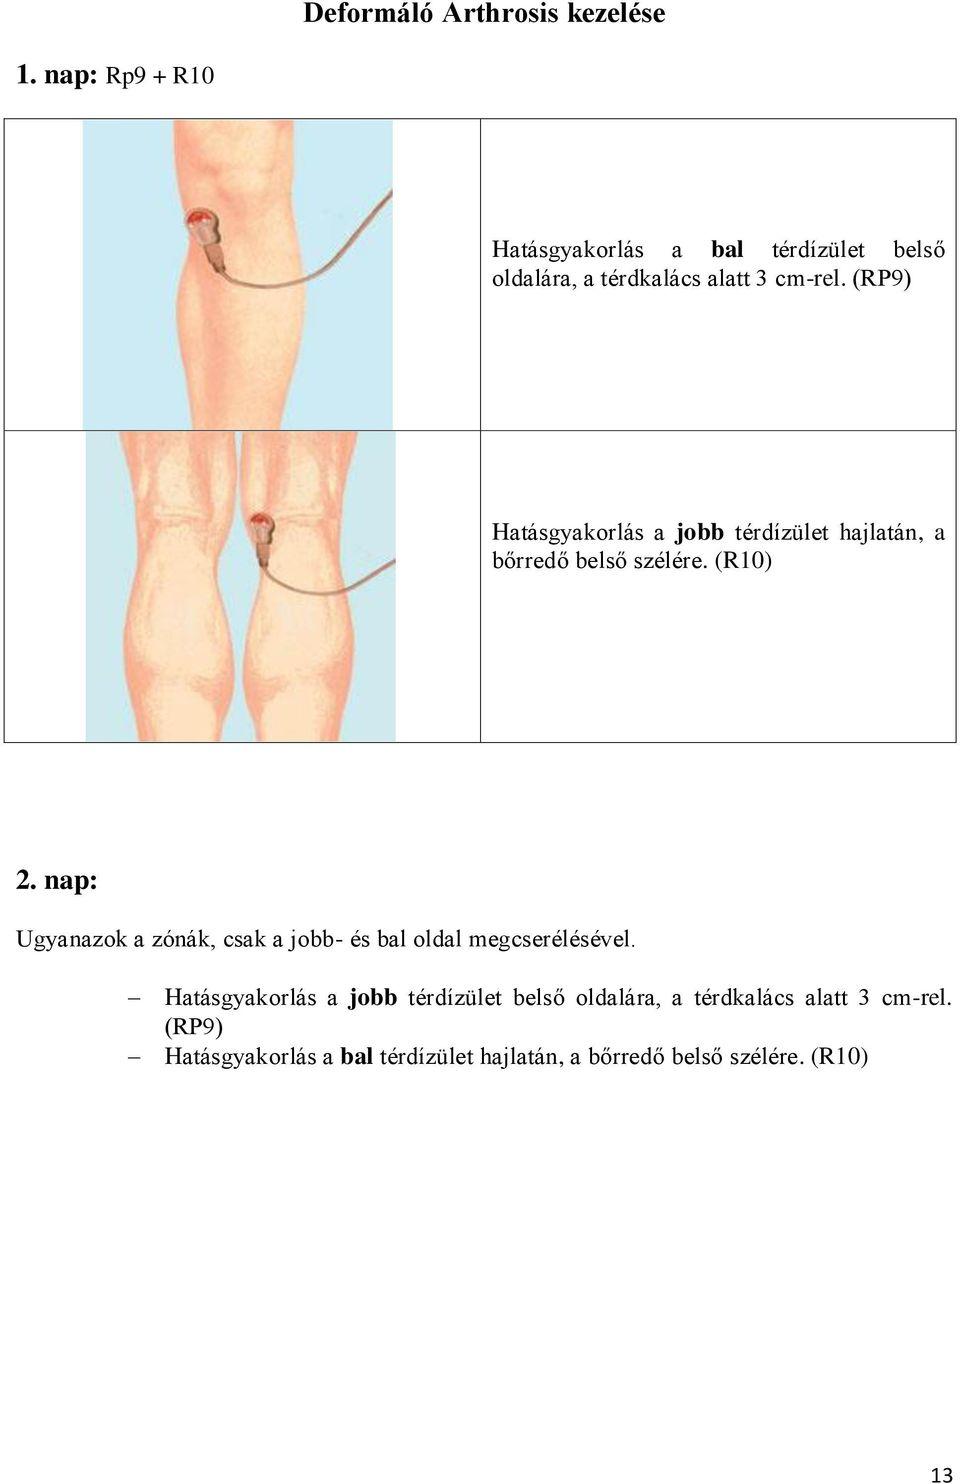 kézikönyv a térdízületek kezeléséről)